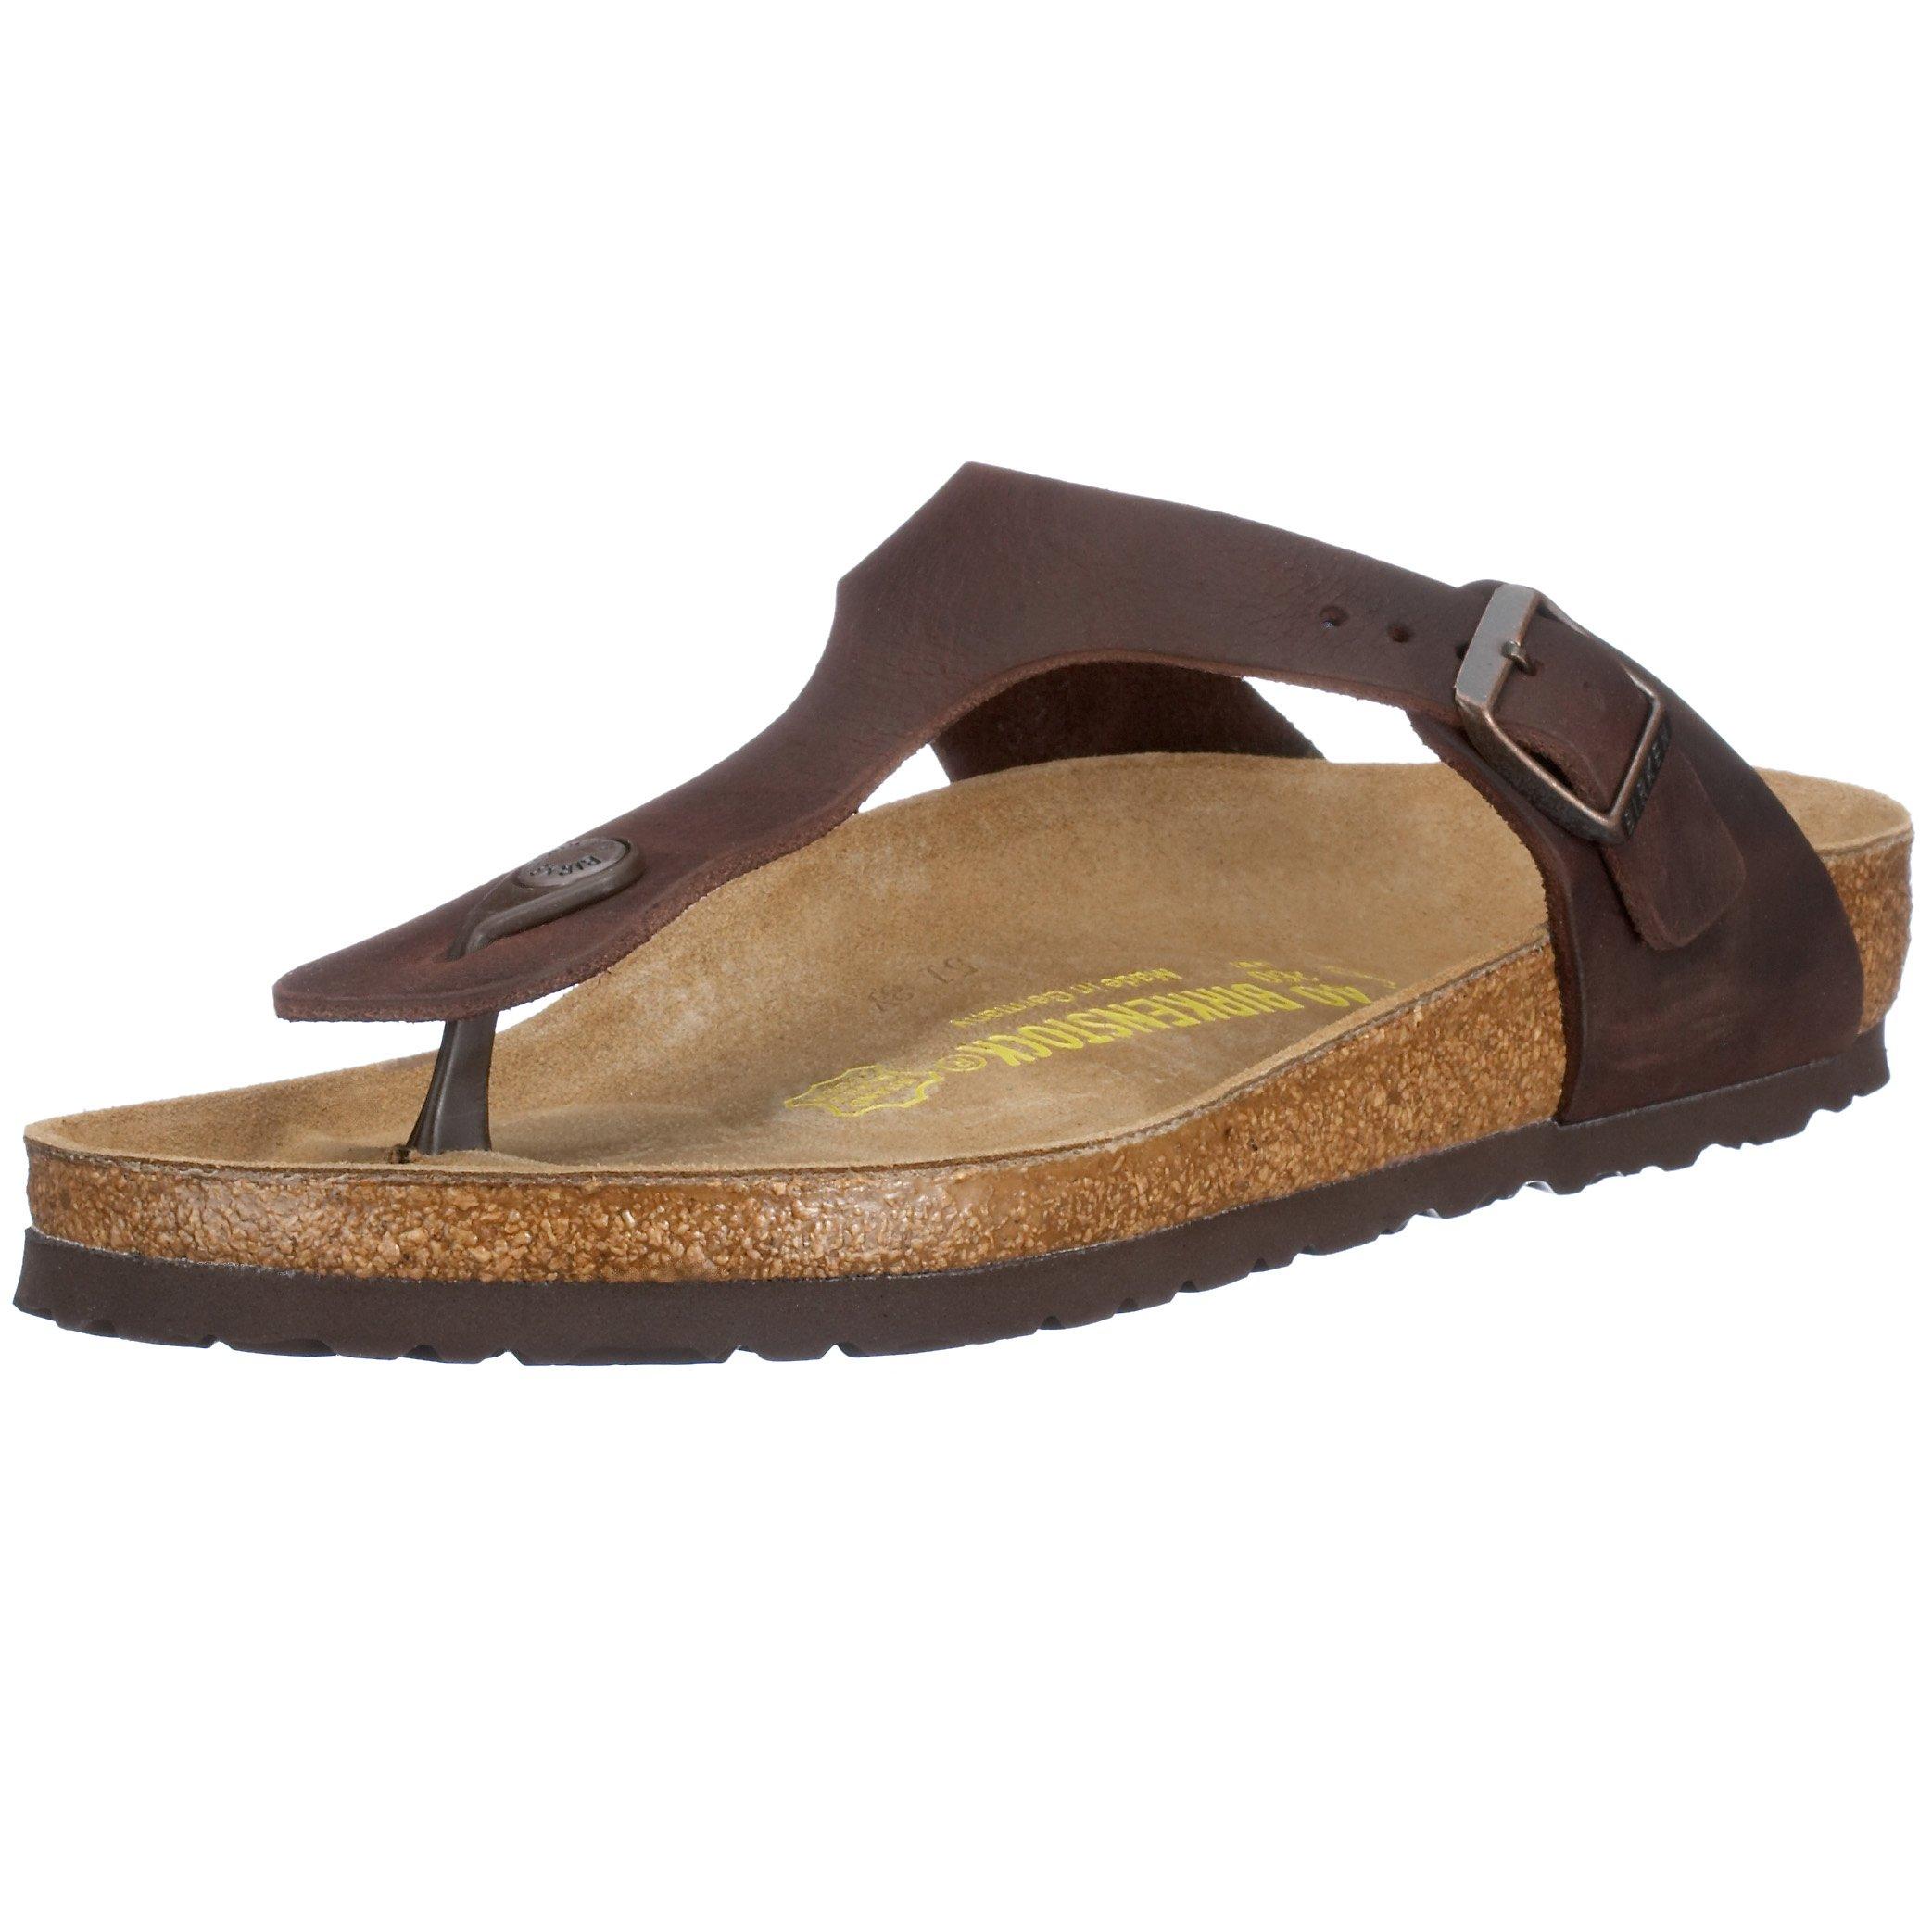 Birkenstock-Women-039-s-Gizeh-Thong-Sandals thumbnail 10